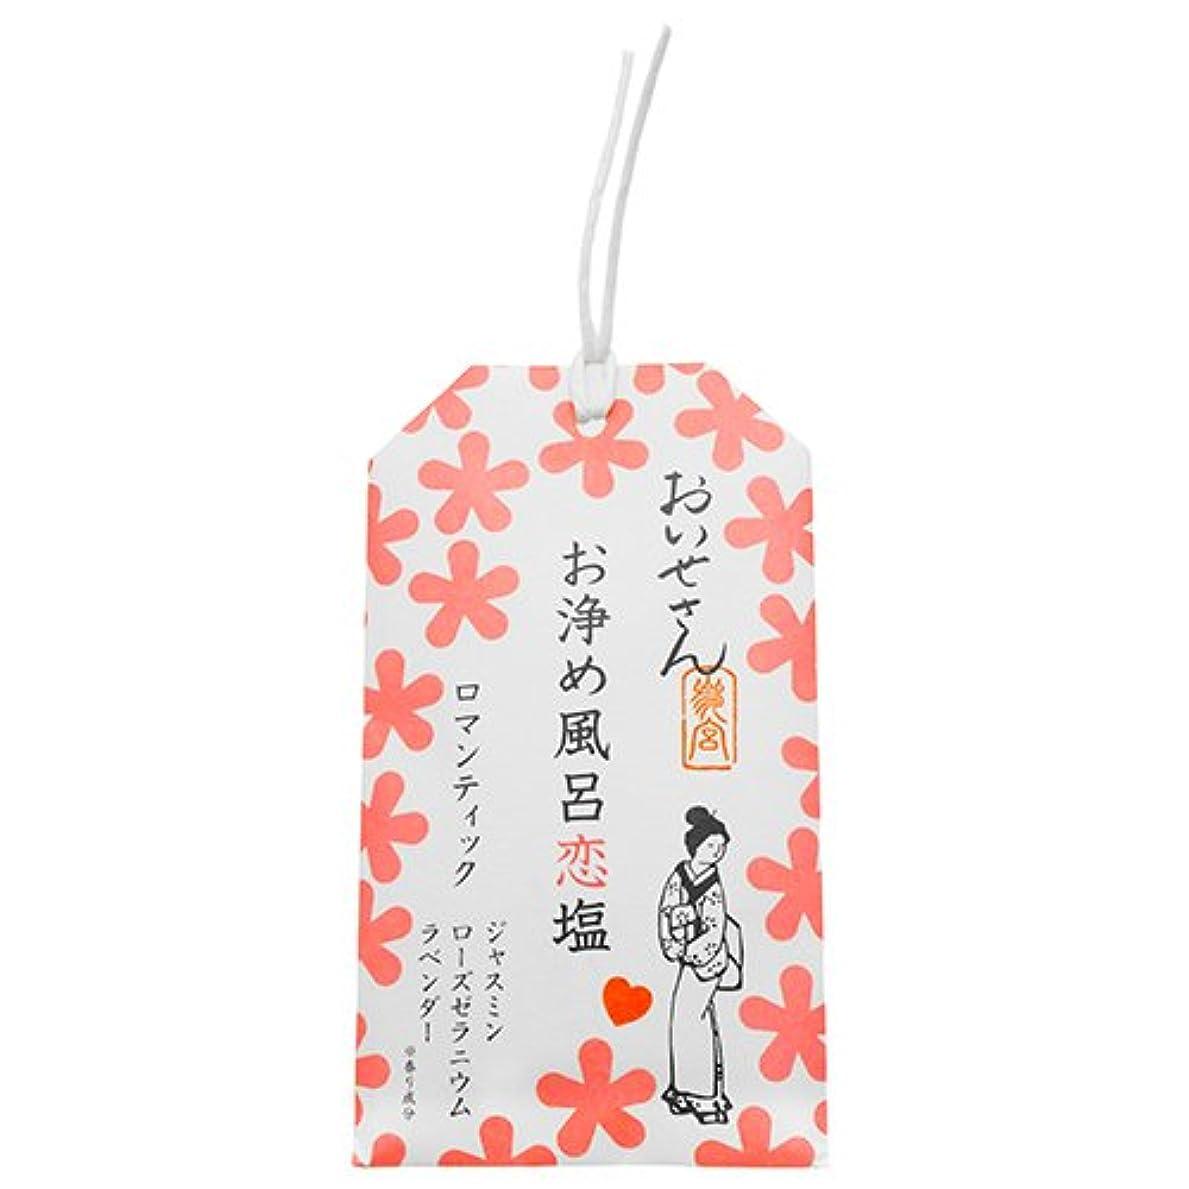 医薬品アーク小説おいせさん お浄め風呂恋塩(ロマンティック)